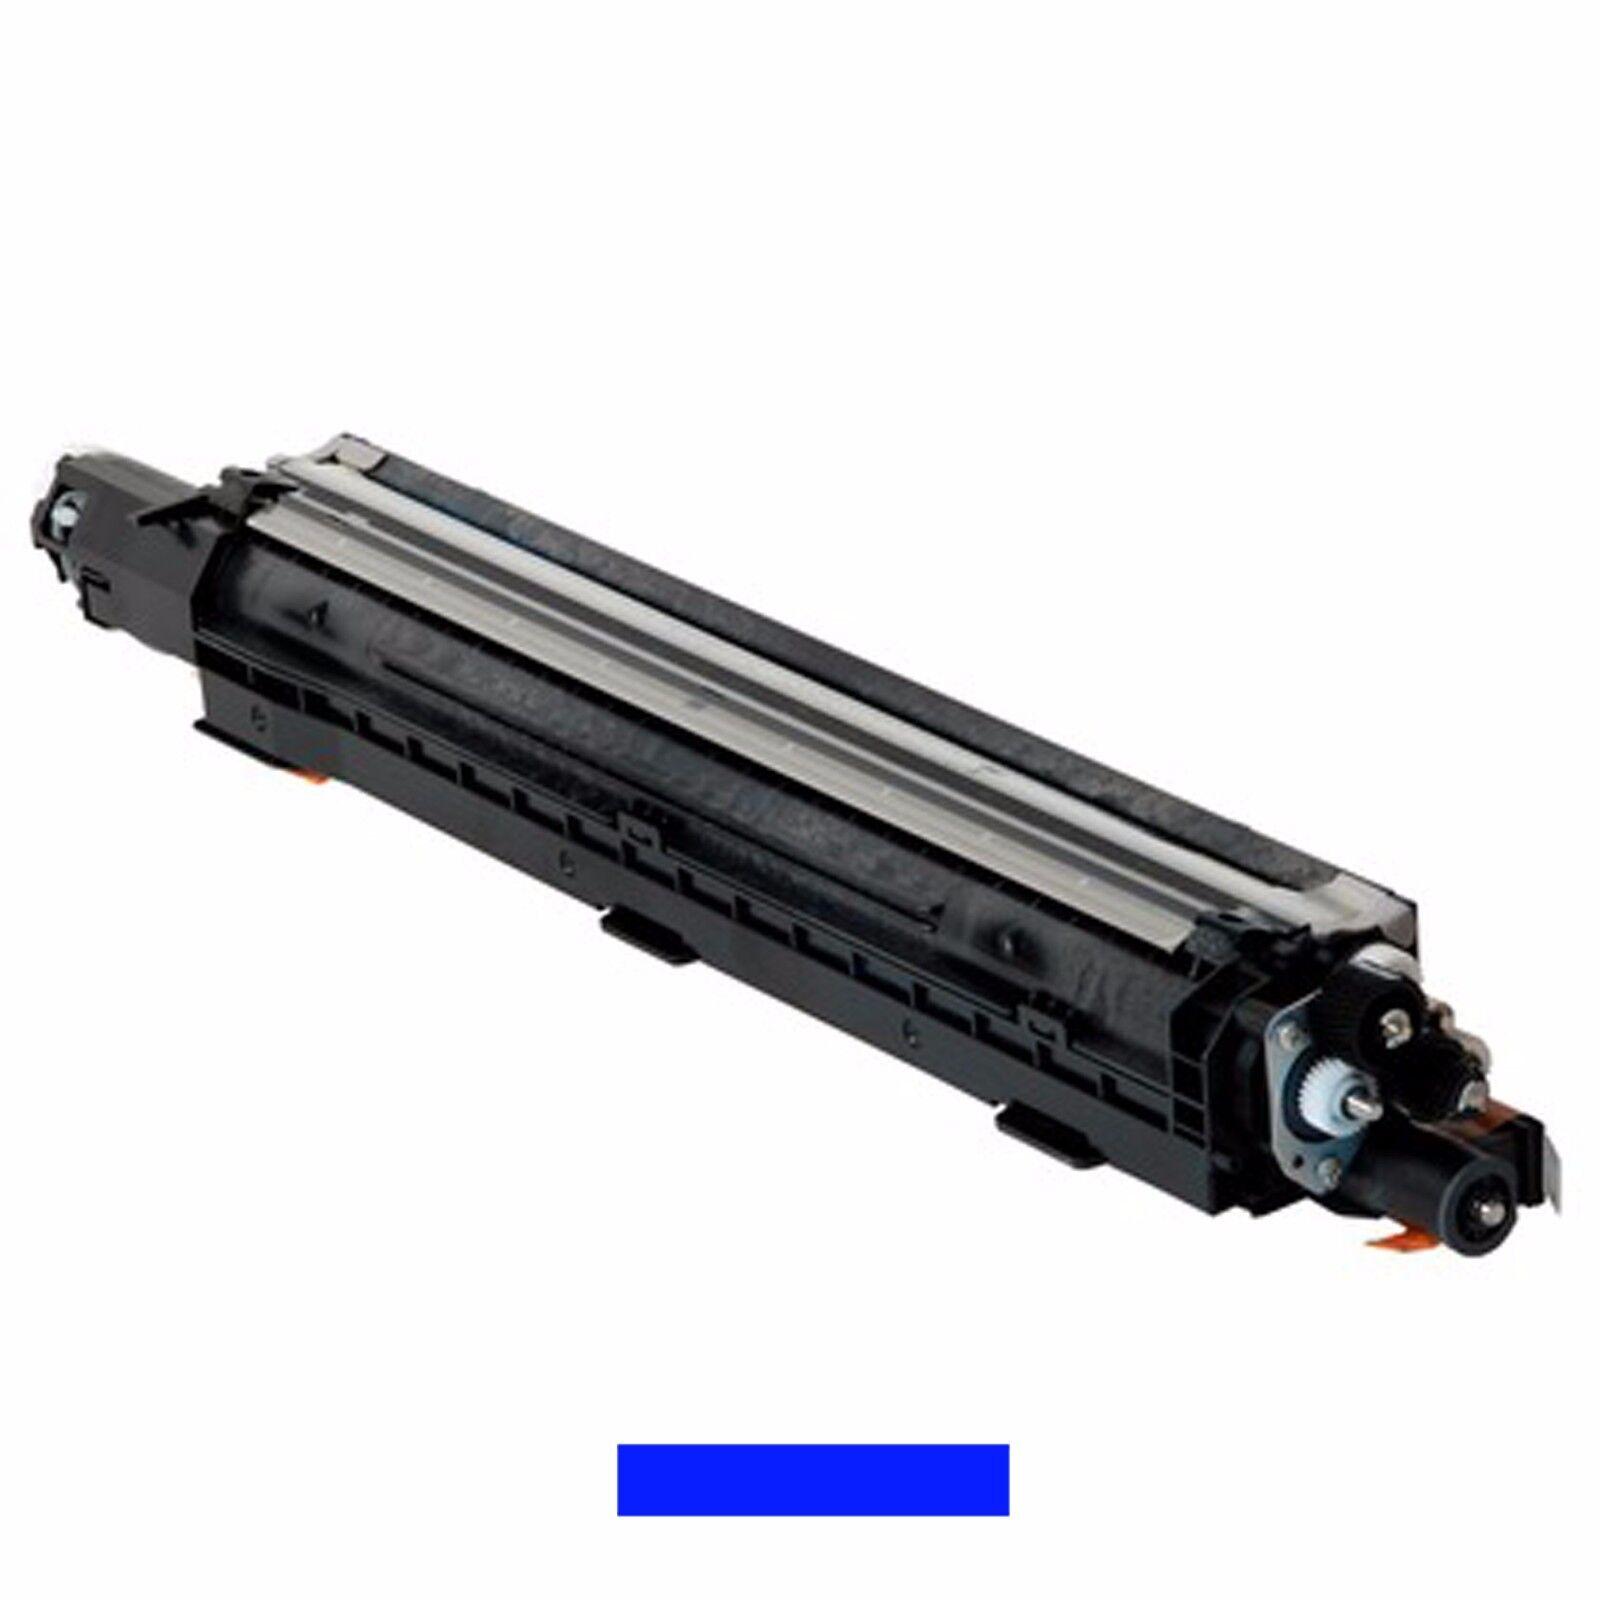 Ricoh MP C6003 C5503 C4503 C3503 C3003 Cyan Developer Unit D1863020 D186-3020